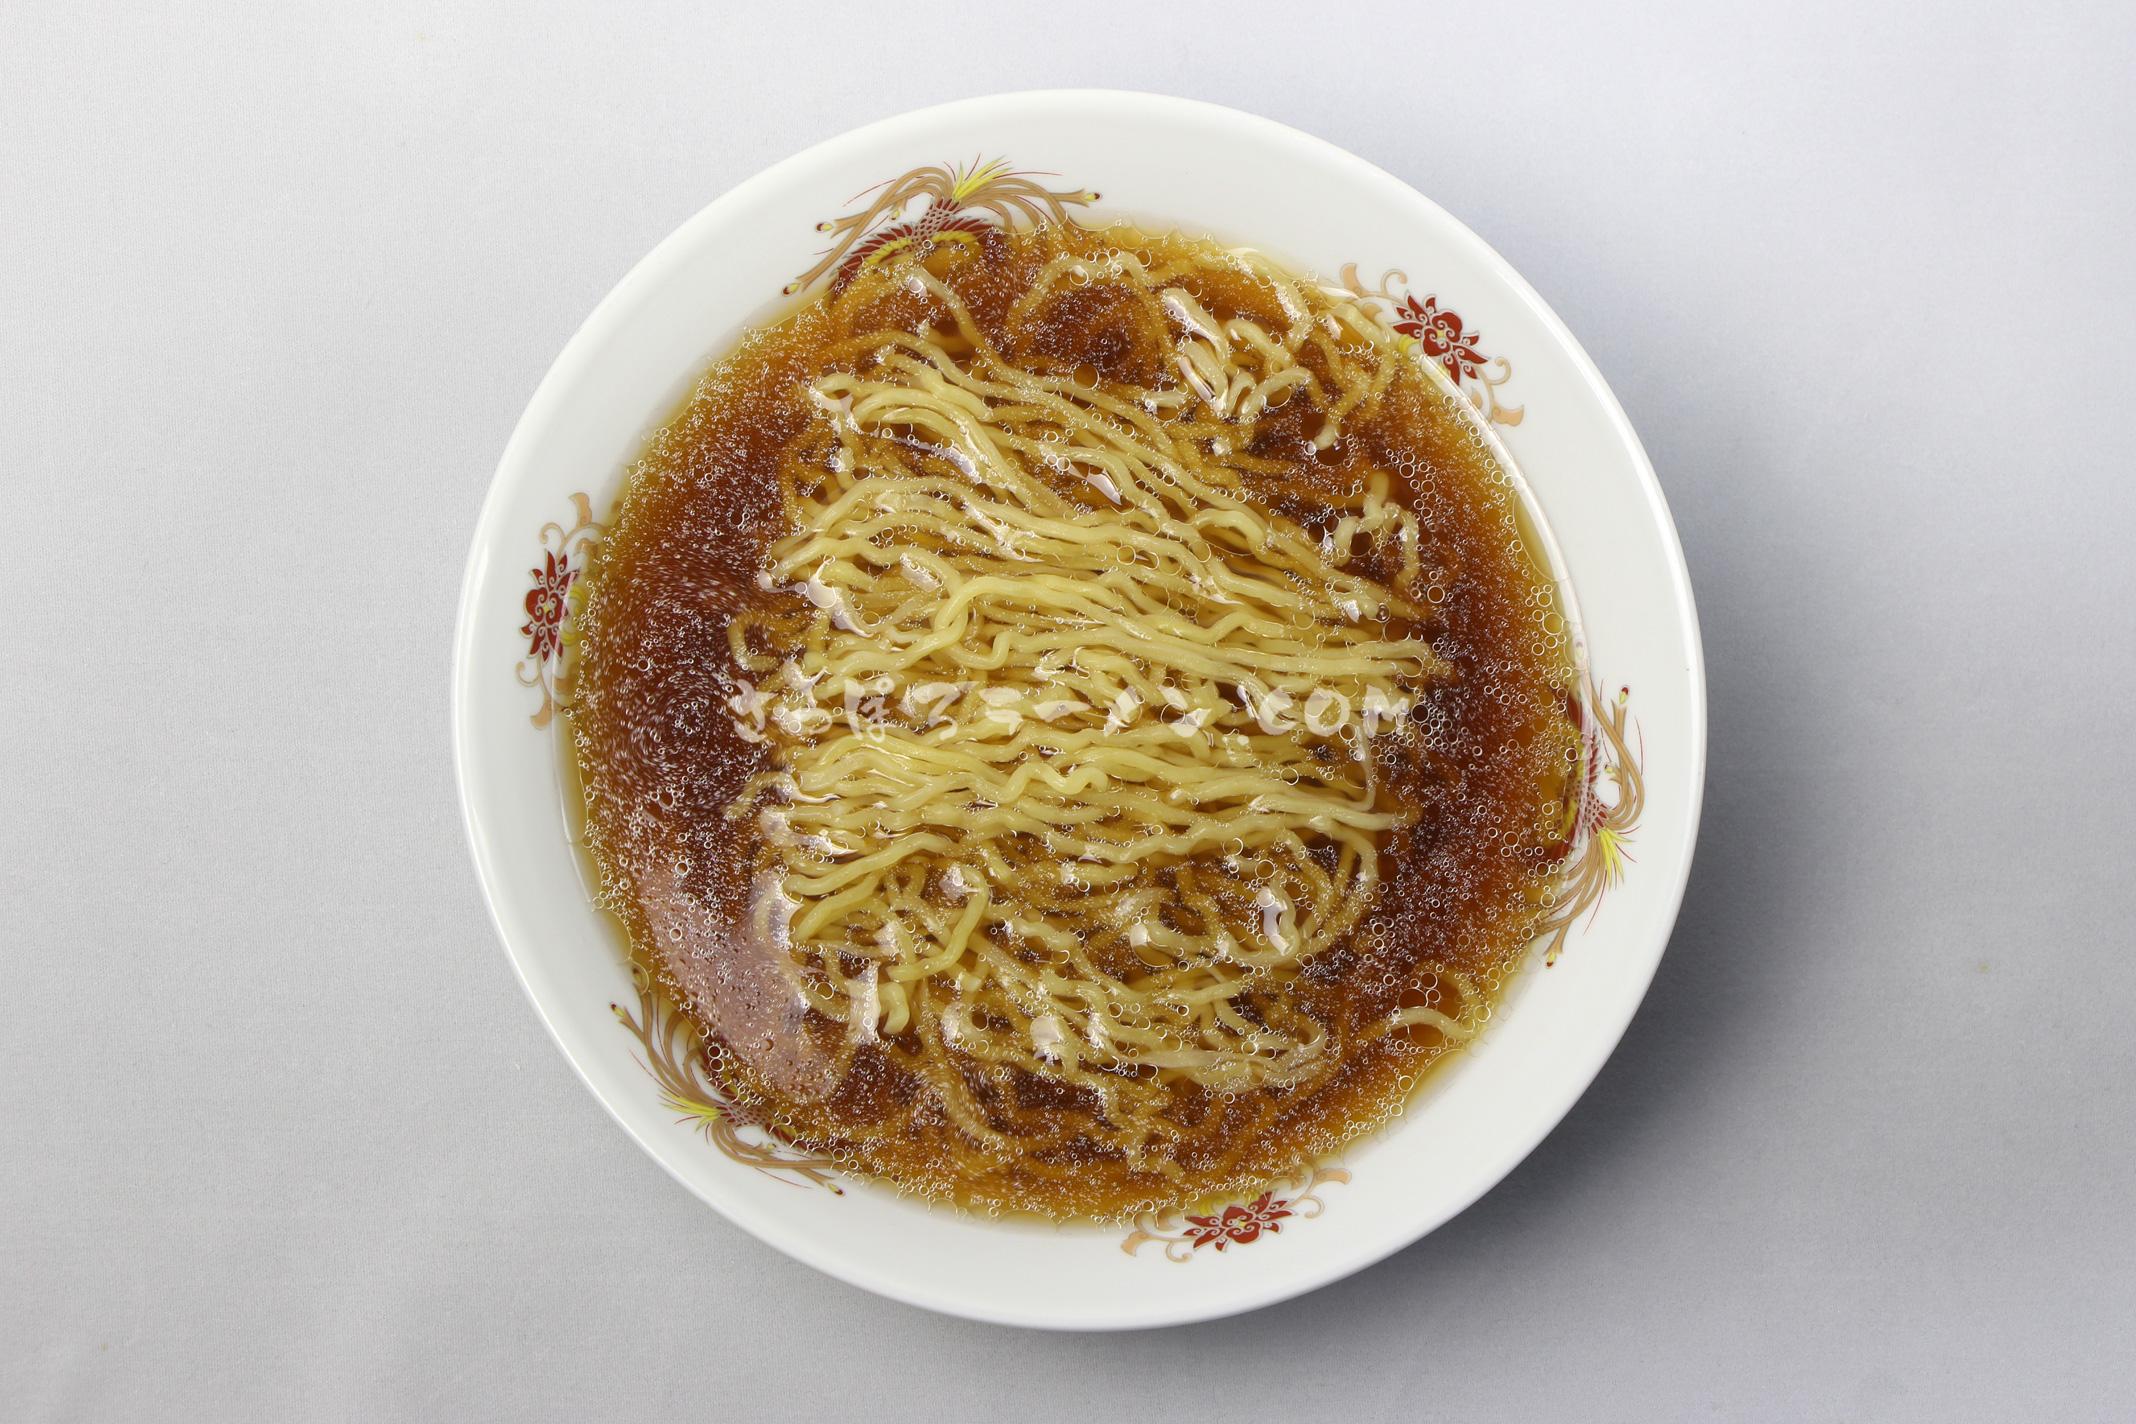 「氷温熟成乾燥ラーメン 玄咲(げんさく) 正油味」(創和)の完成画像